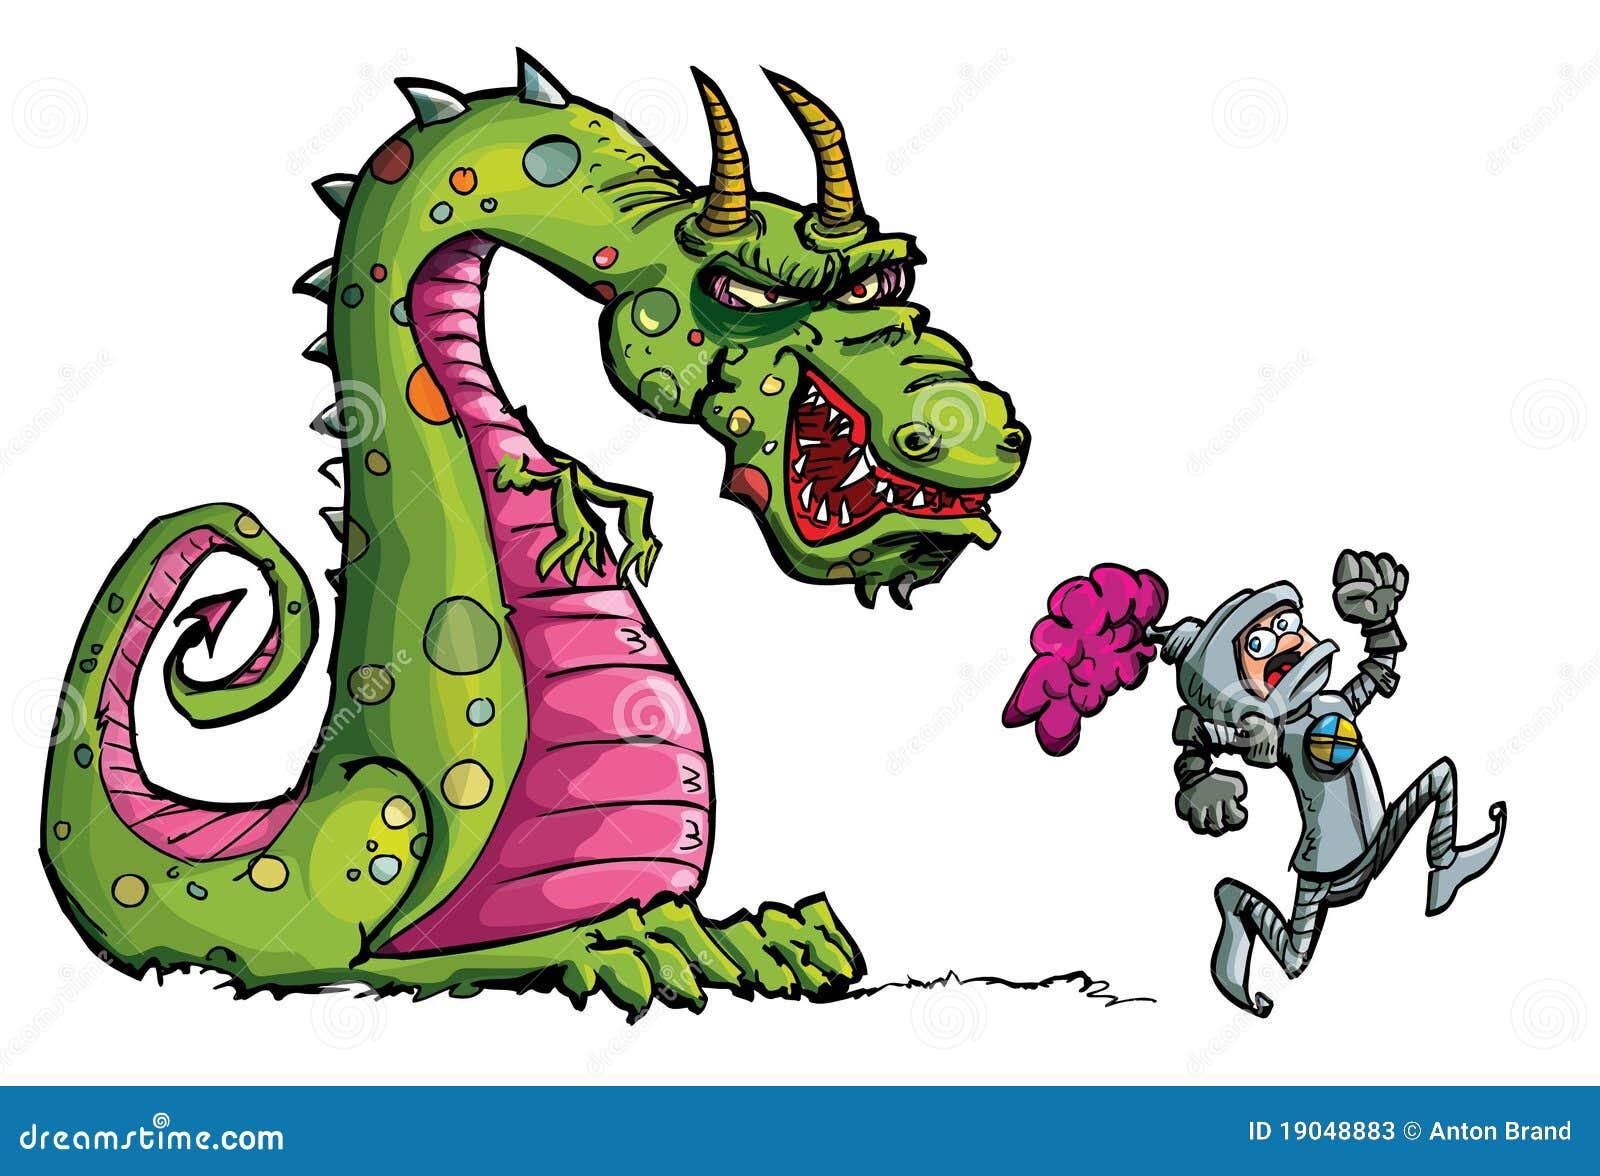 Dessin anim d 39 un chevalier ex cutant d 39 un dragon f roce illustration de vecteur illustration - Dessin armure ...